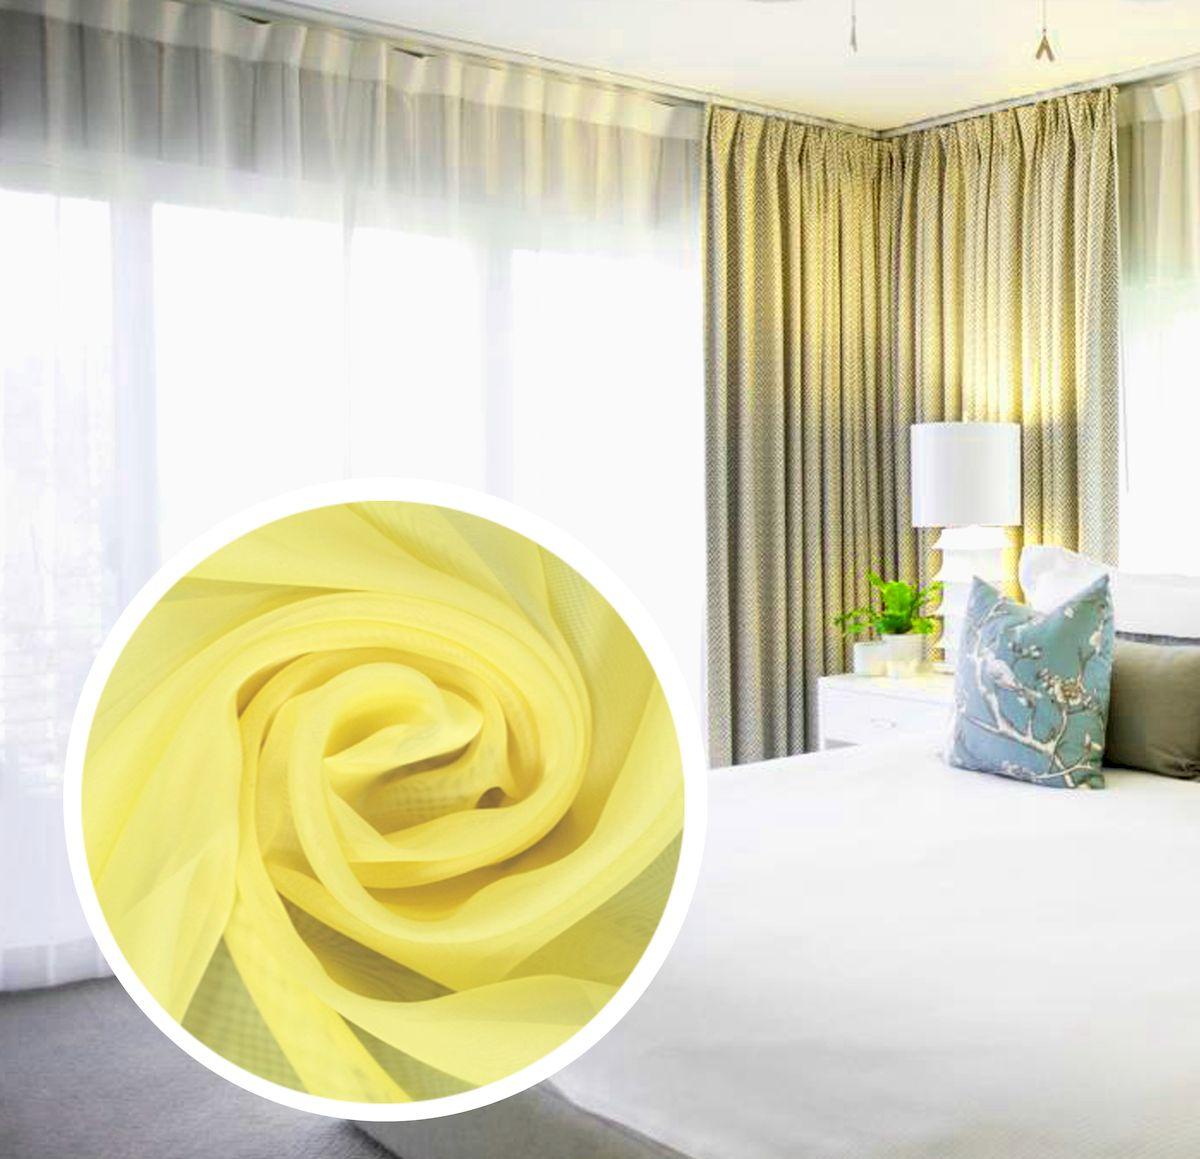 Тюль Amore Mio Однотонный, на ленте, цвет: желтый, высота 270 см75384Тюль Amore Mio нежного цвета в классическом однотонном исполнении изготовлен из 100% полиэстера. Воздушная ткань привлечет к себе внимание и идеально оформит интерьер любого помещения. Полиэстер - вид ткани, состоящий из полиэфирных волокон. Ткани из полиэстера легкие, прочные и износостойкие. Такие изделия не требуют специального ухода, не пылятся и почти не мнутся.Крепление к карнизу осуществляется при помощи вшитой шторной ленты.